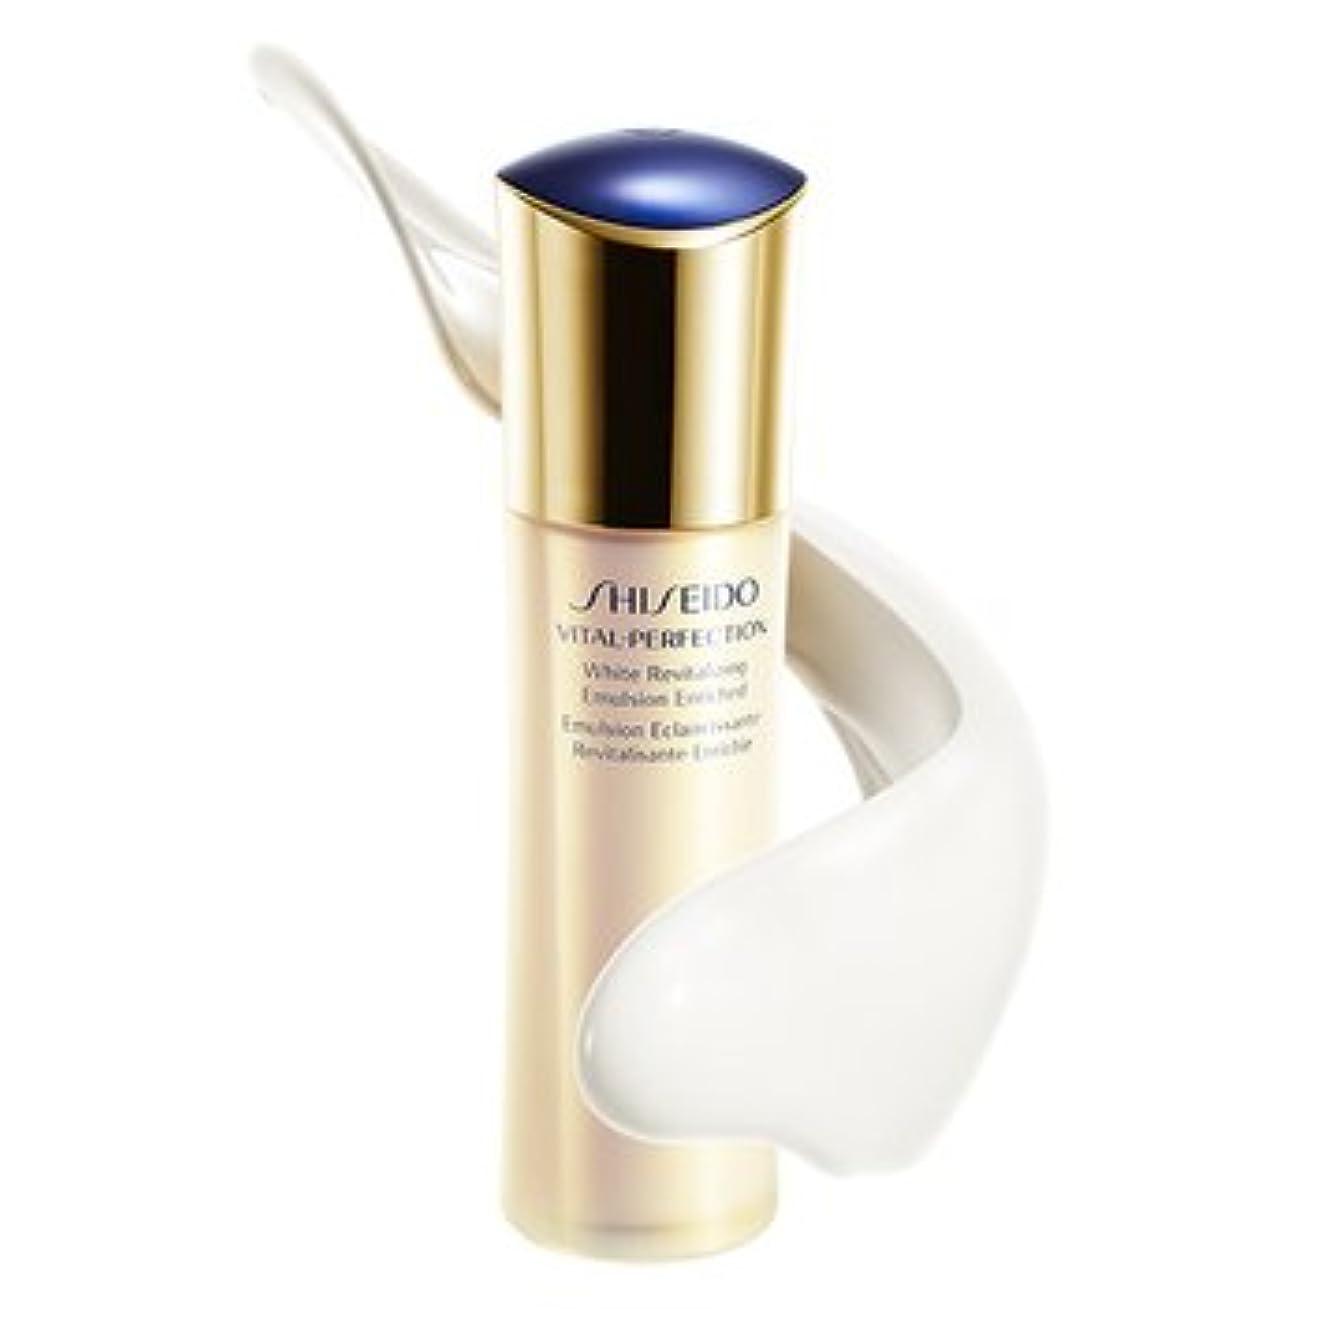 小競り合いスロープブースト資生堂/shiseido バイタルパーフェクション/VITAL-PERFECTION ホワイトRV エマルジョン(医薬部外品)美白乳液